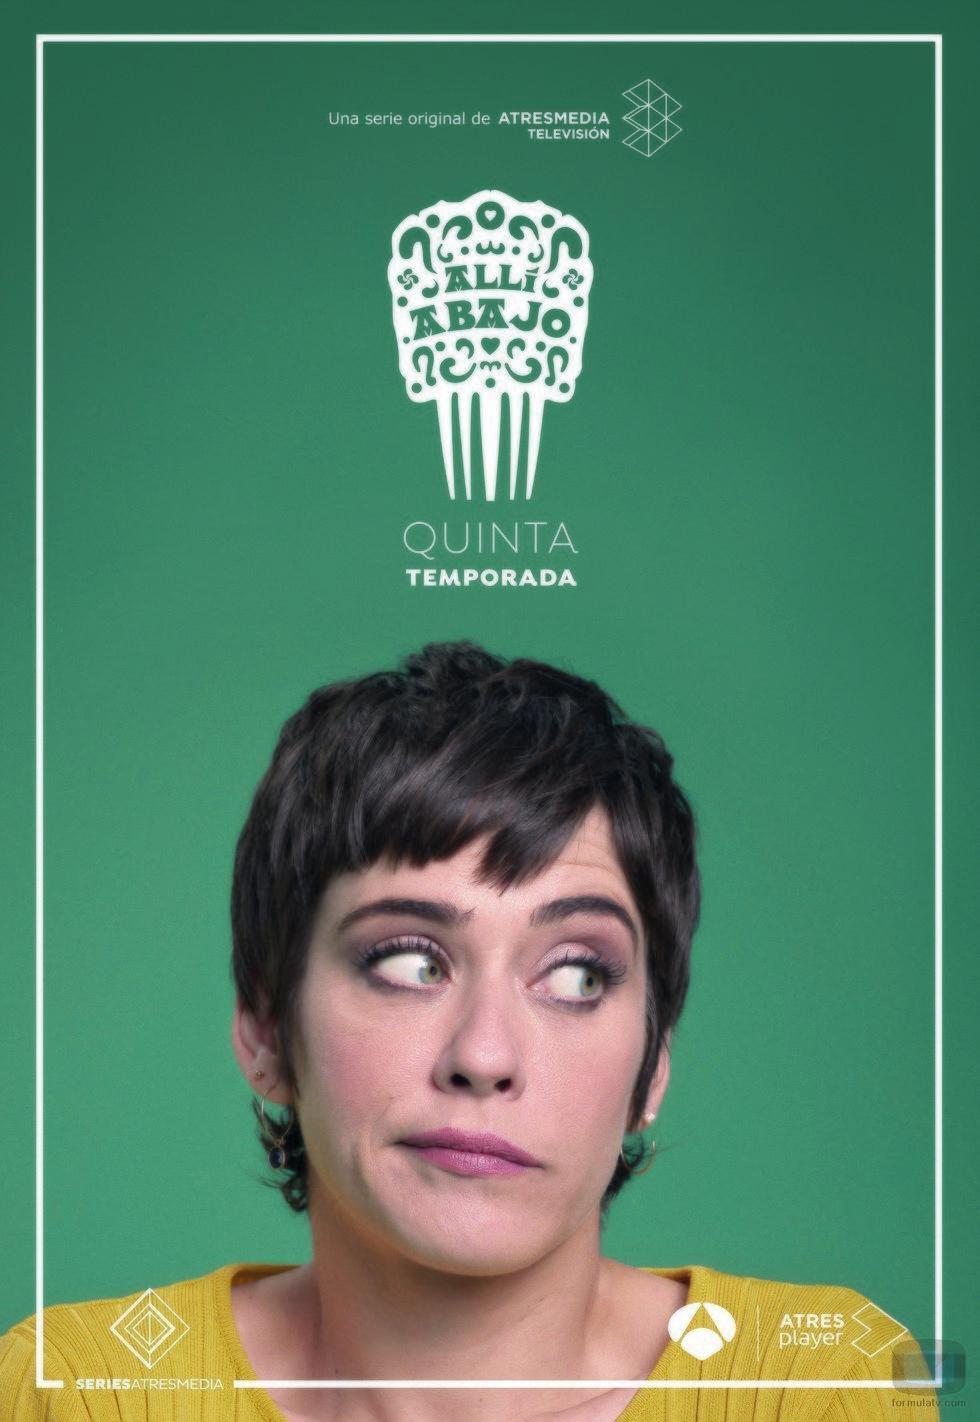 María León como Carmen en su póster promocional de la quinta temporada de 'Allí abajo'